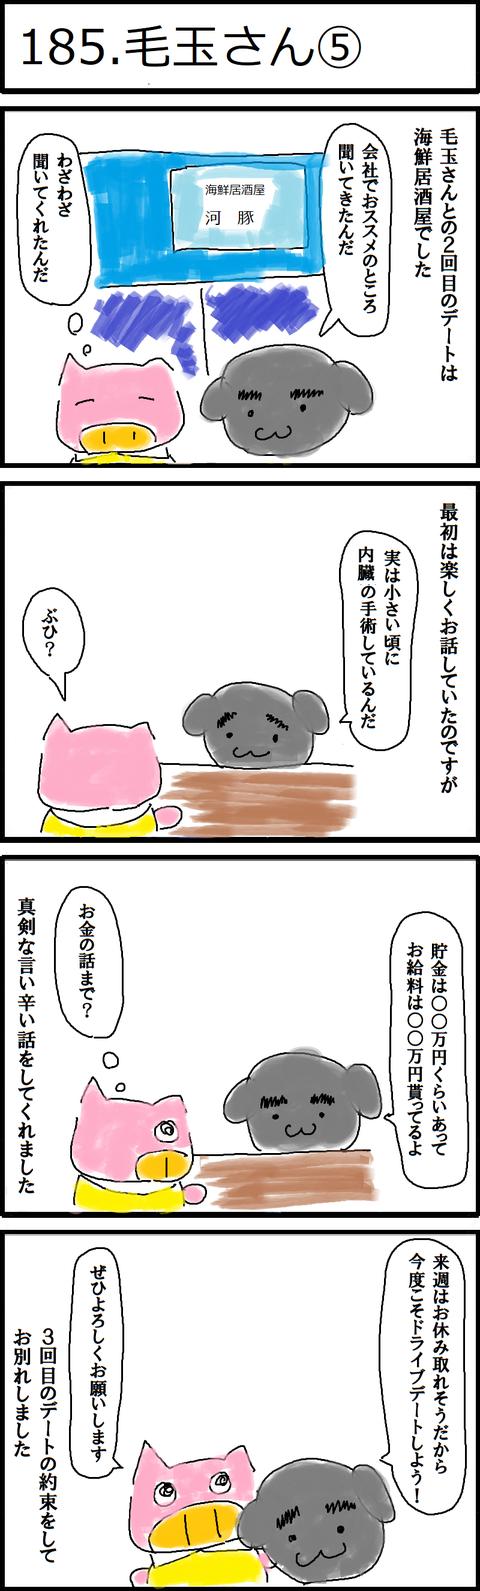 185.毛玉さん⑤